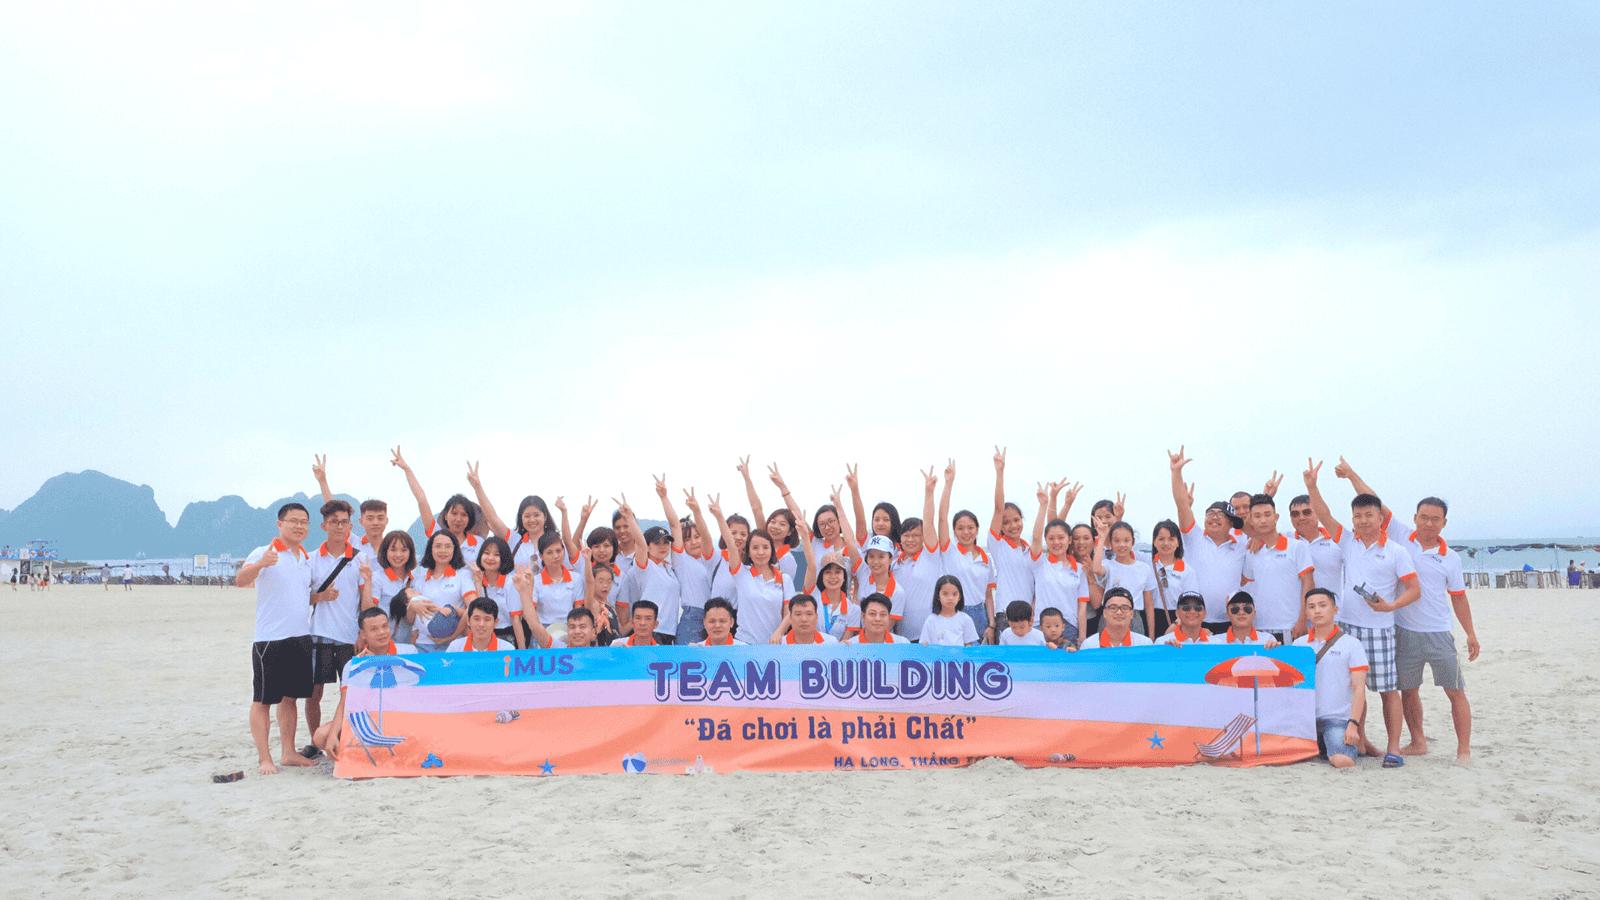 Bãi Ngọc Vừng là một địa điểm team building Hạ Long khá riêng tư, không sầm uất